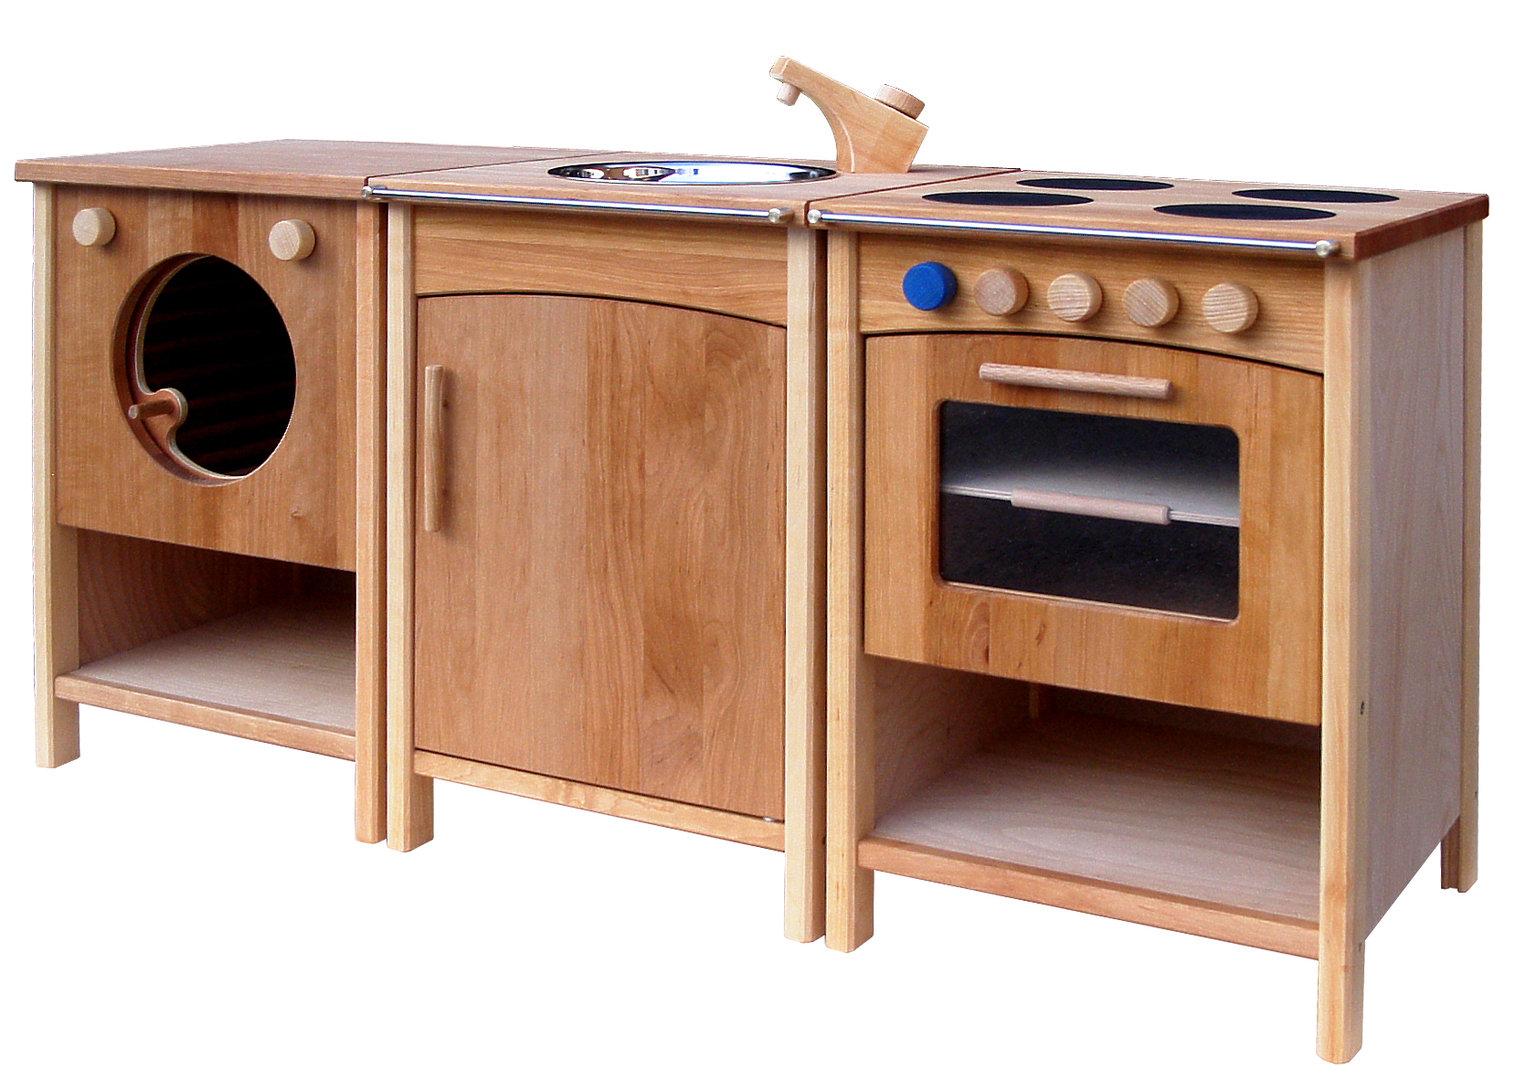 Ofen und Herd für Schöllner Holz Kinderküche Single, Höhe 50cm